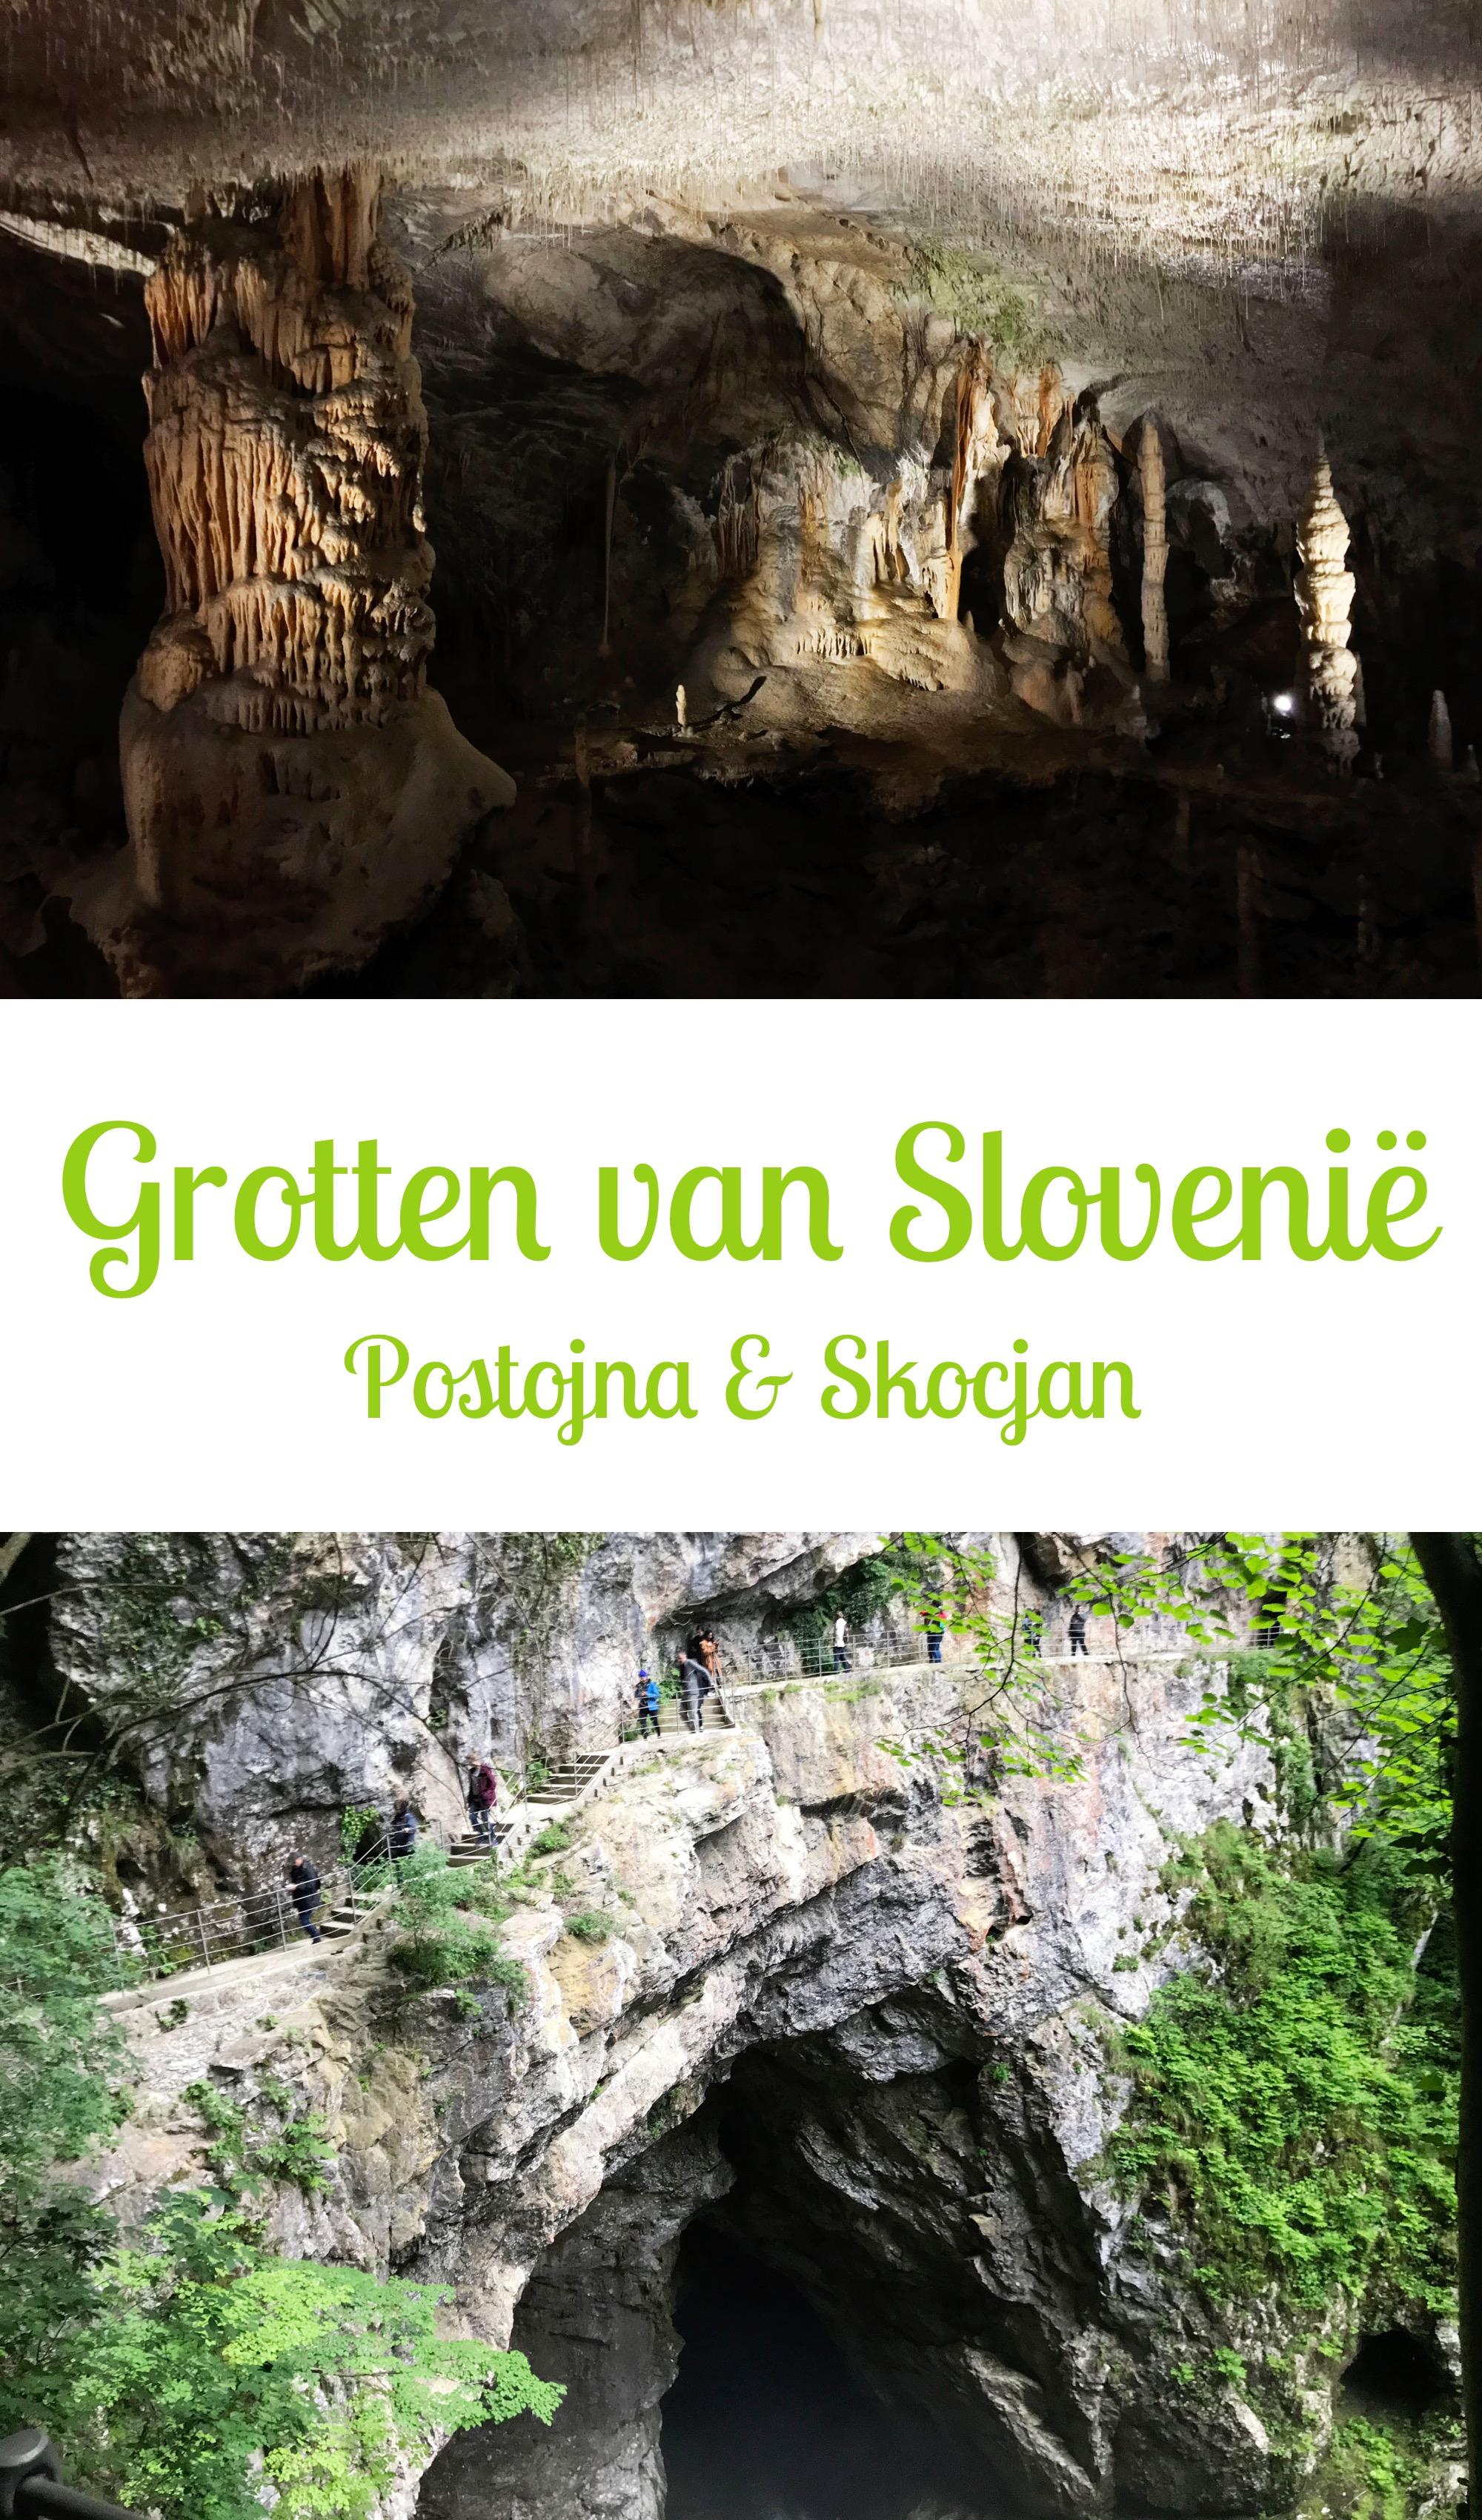 Grotten van Slovenië: Postojna & Skocjan grot